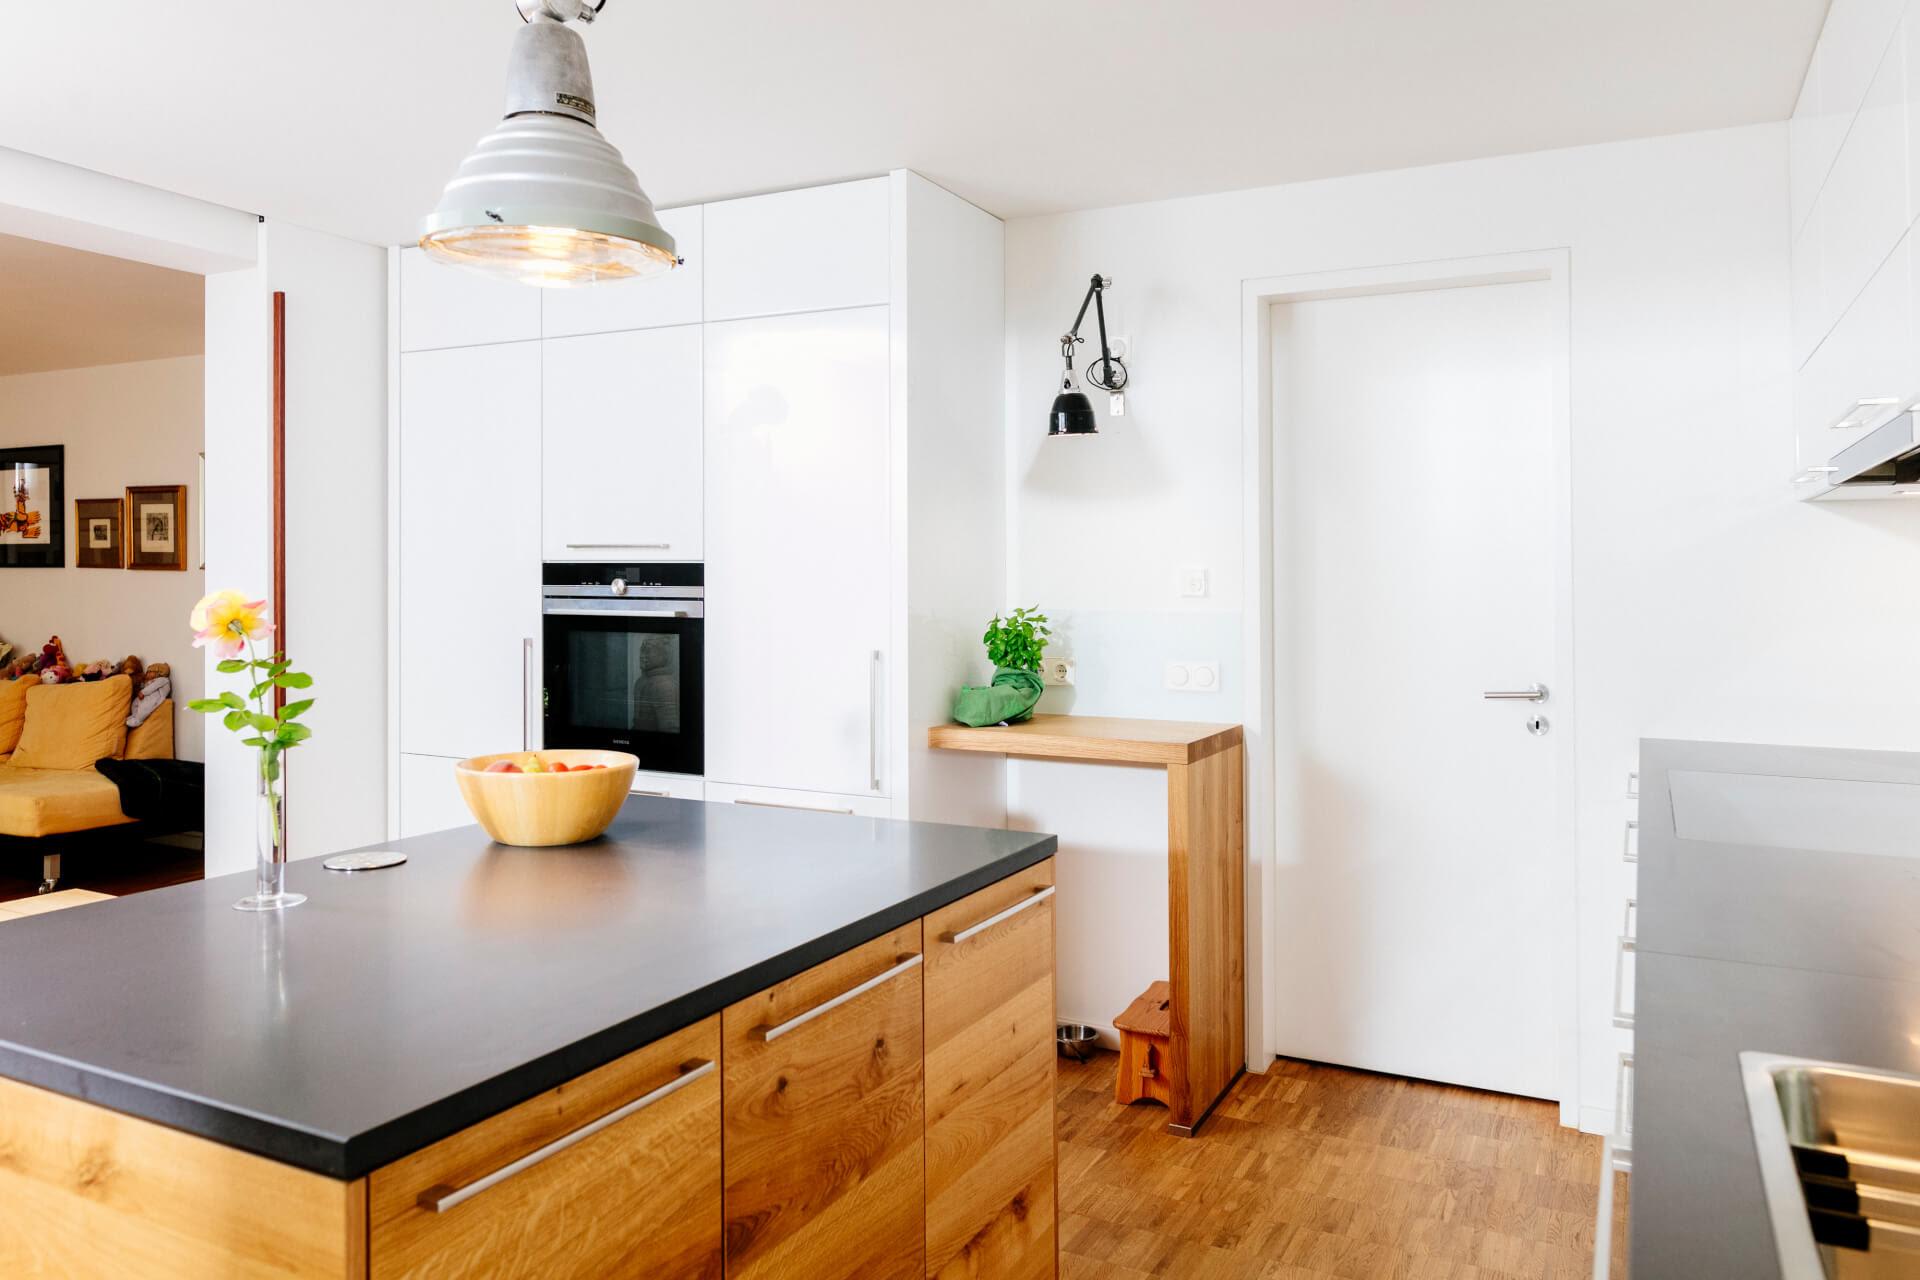 Küche Freistehende Elemente Befestigen Küchenelemente ...